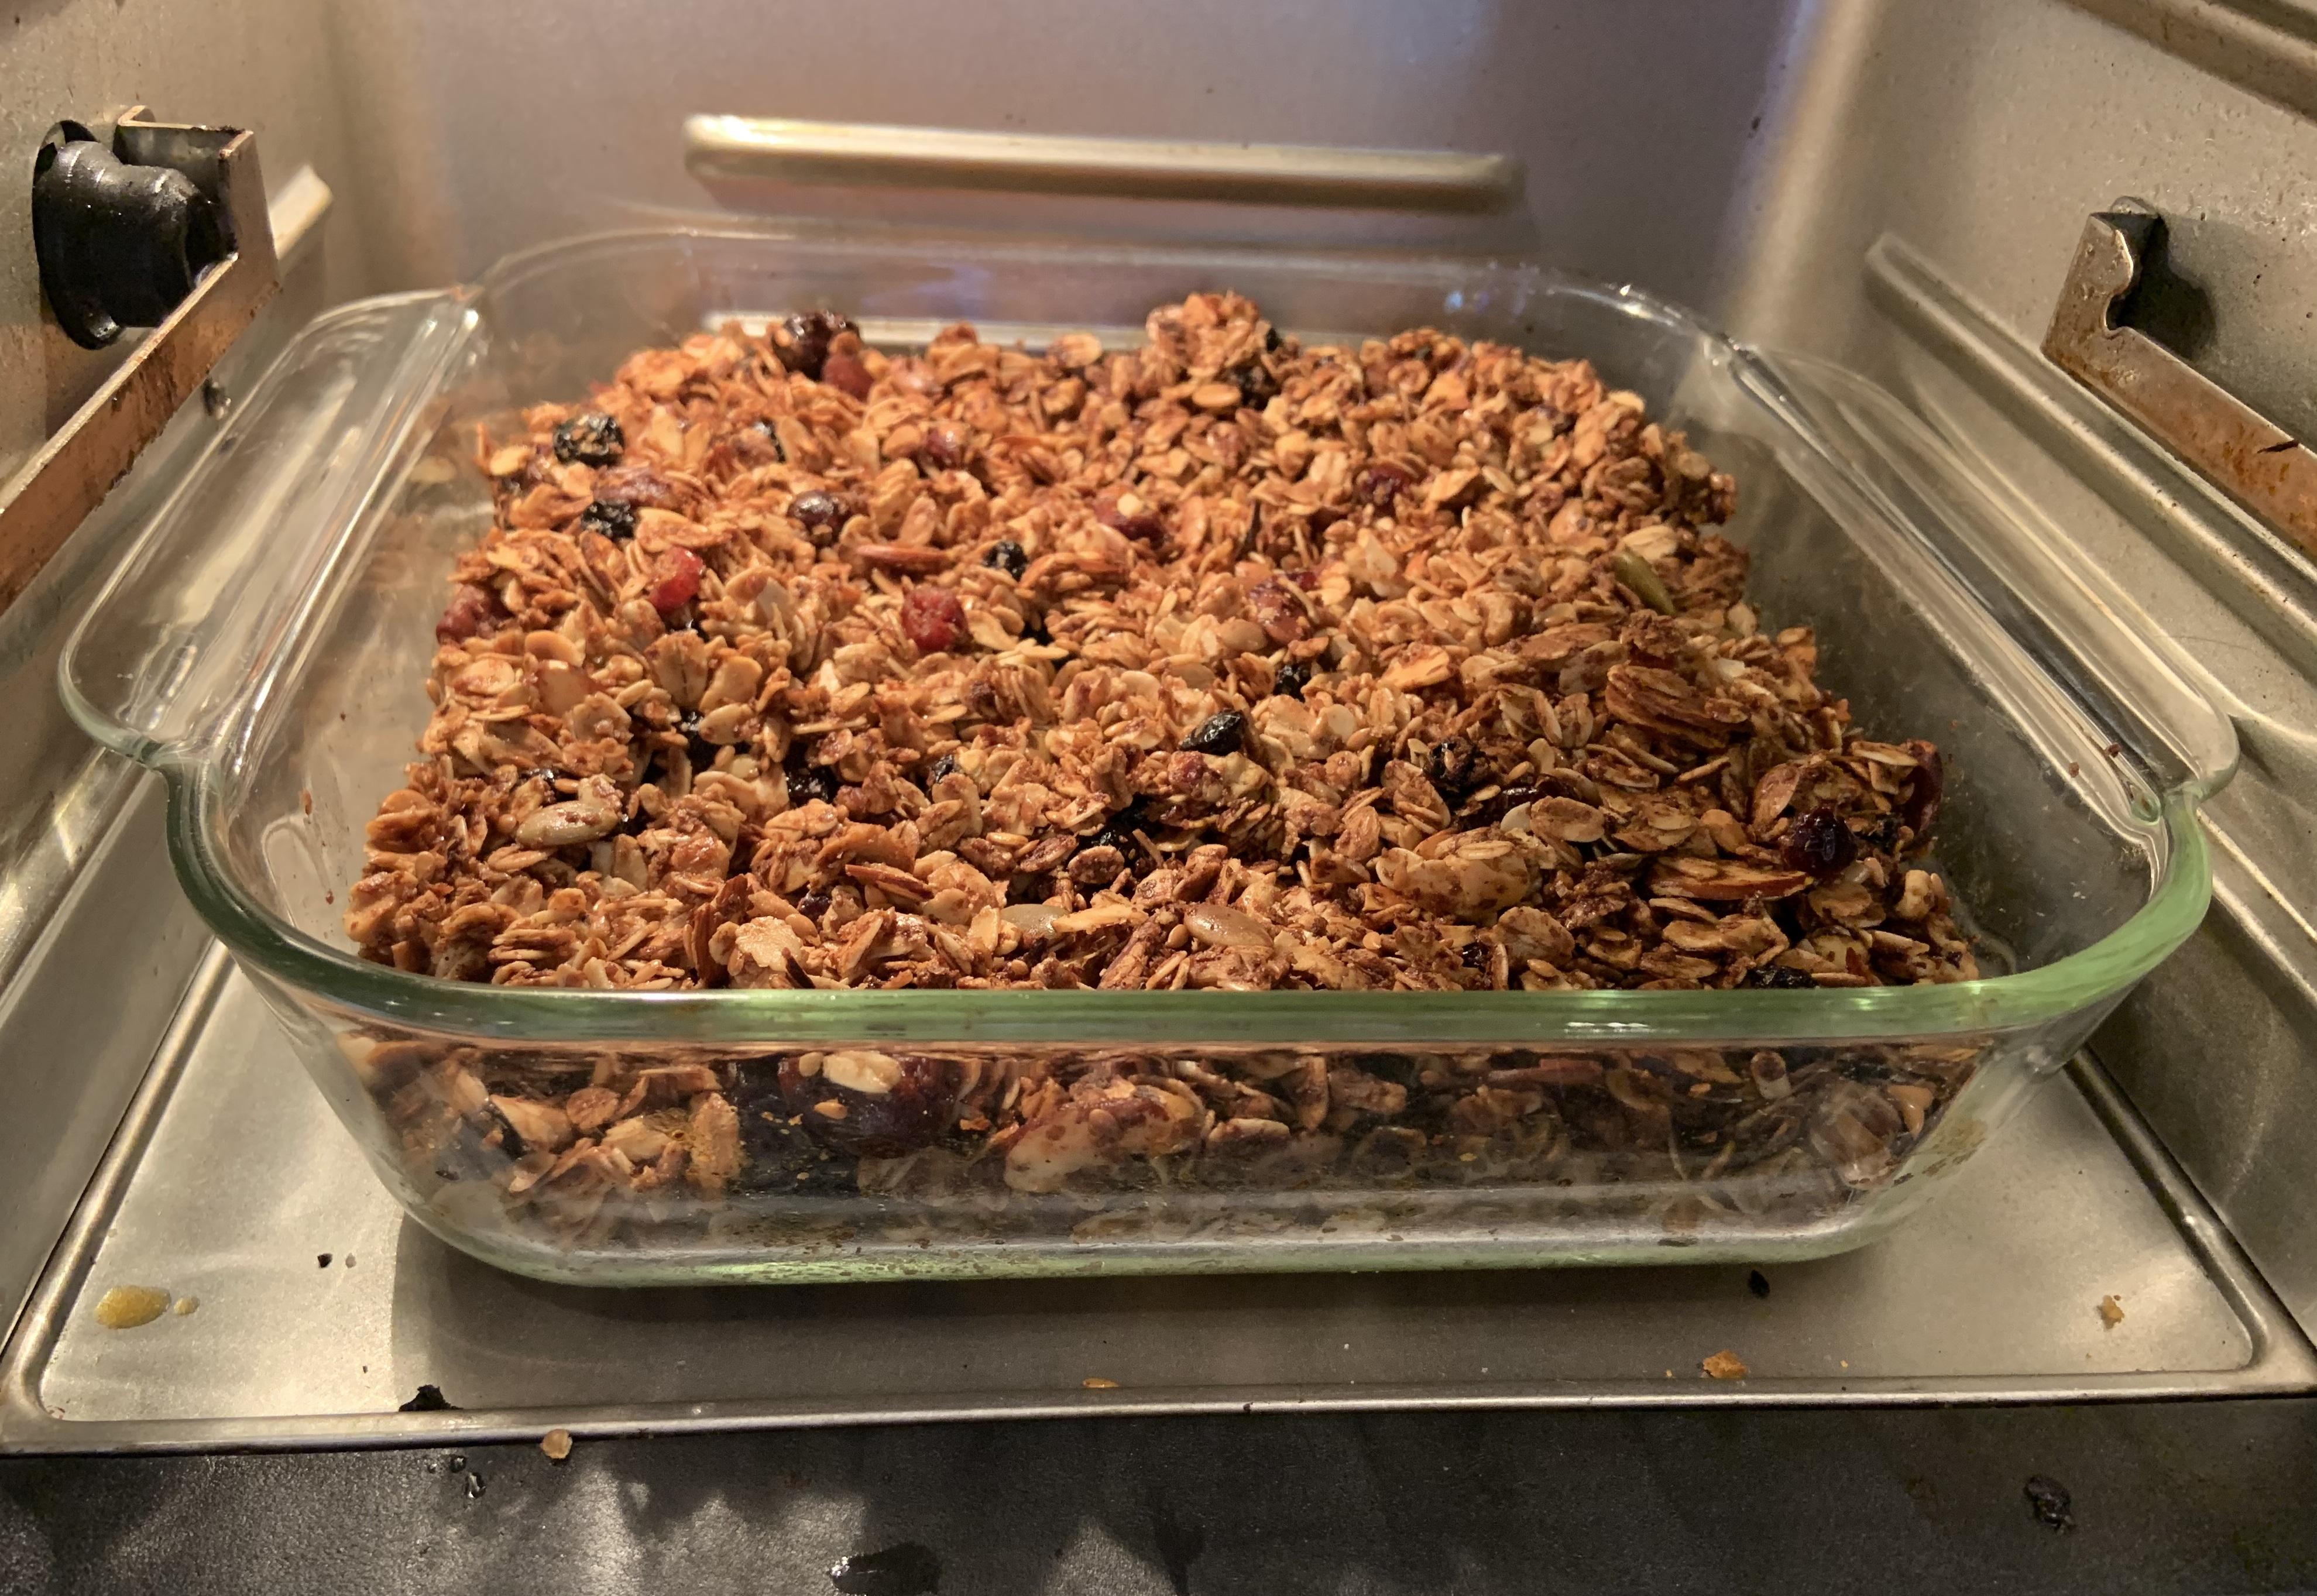 granola in Instant vortex air fryer